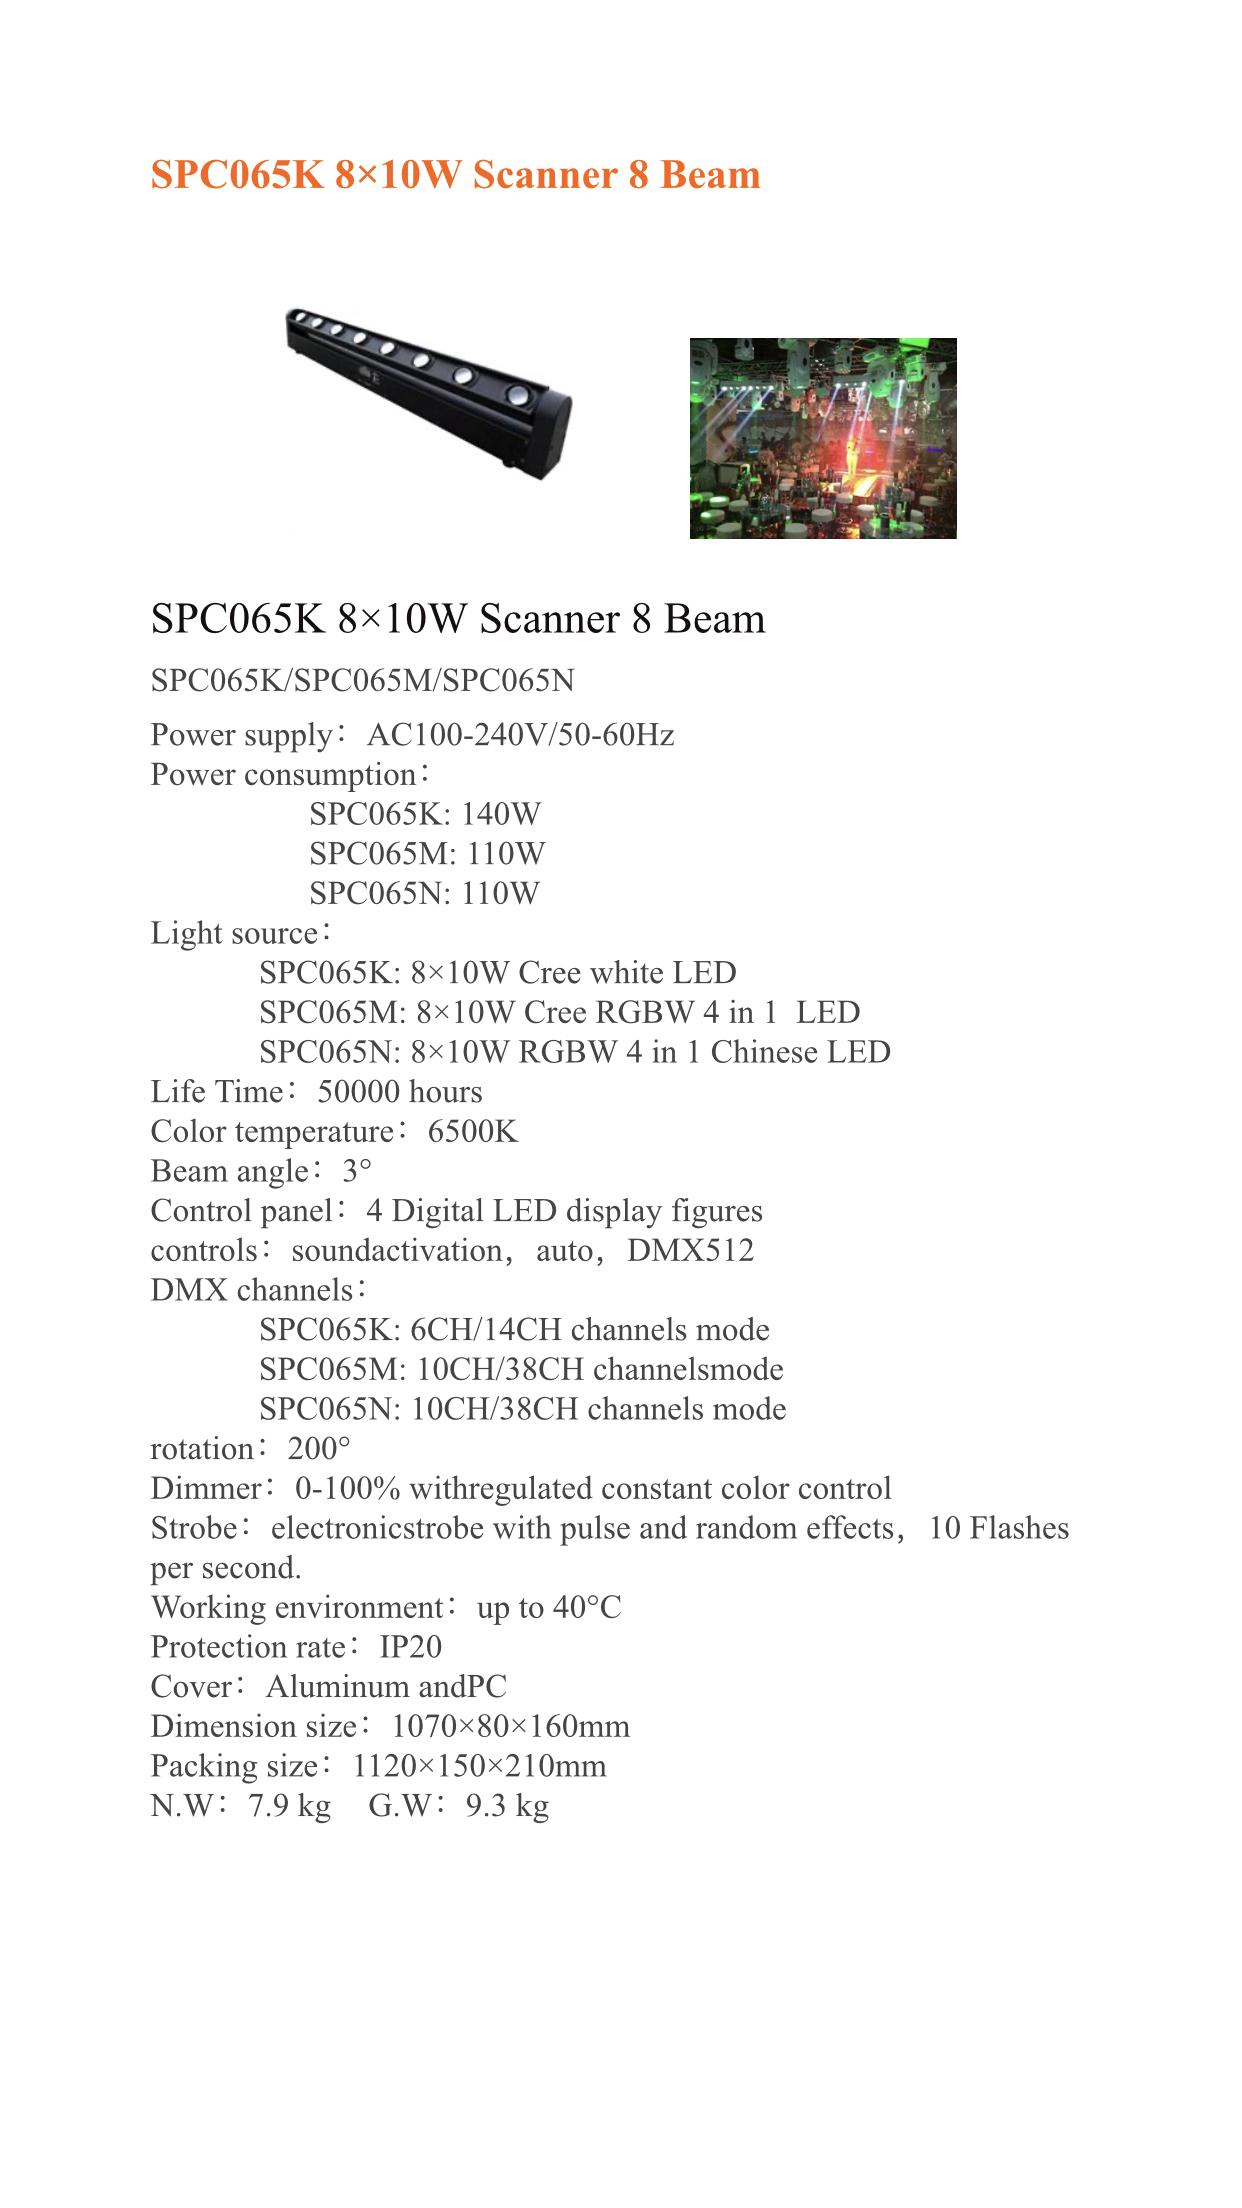 SPC 065K SCANNER 8 BEAM